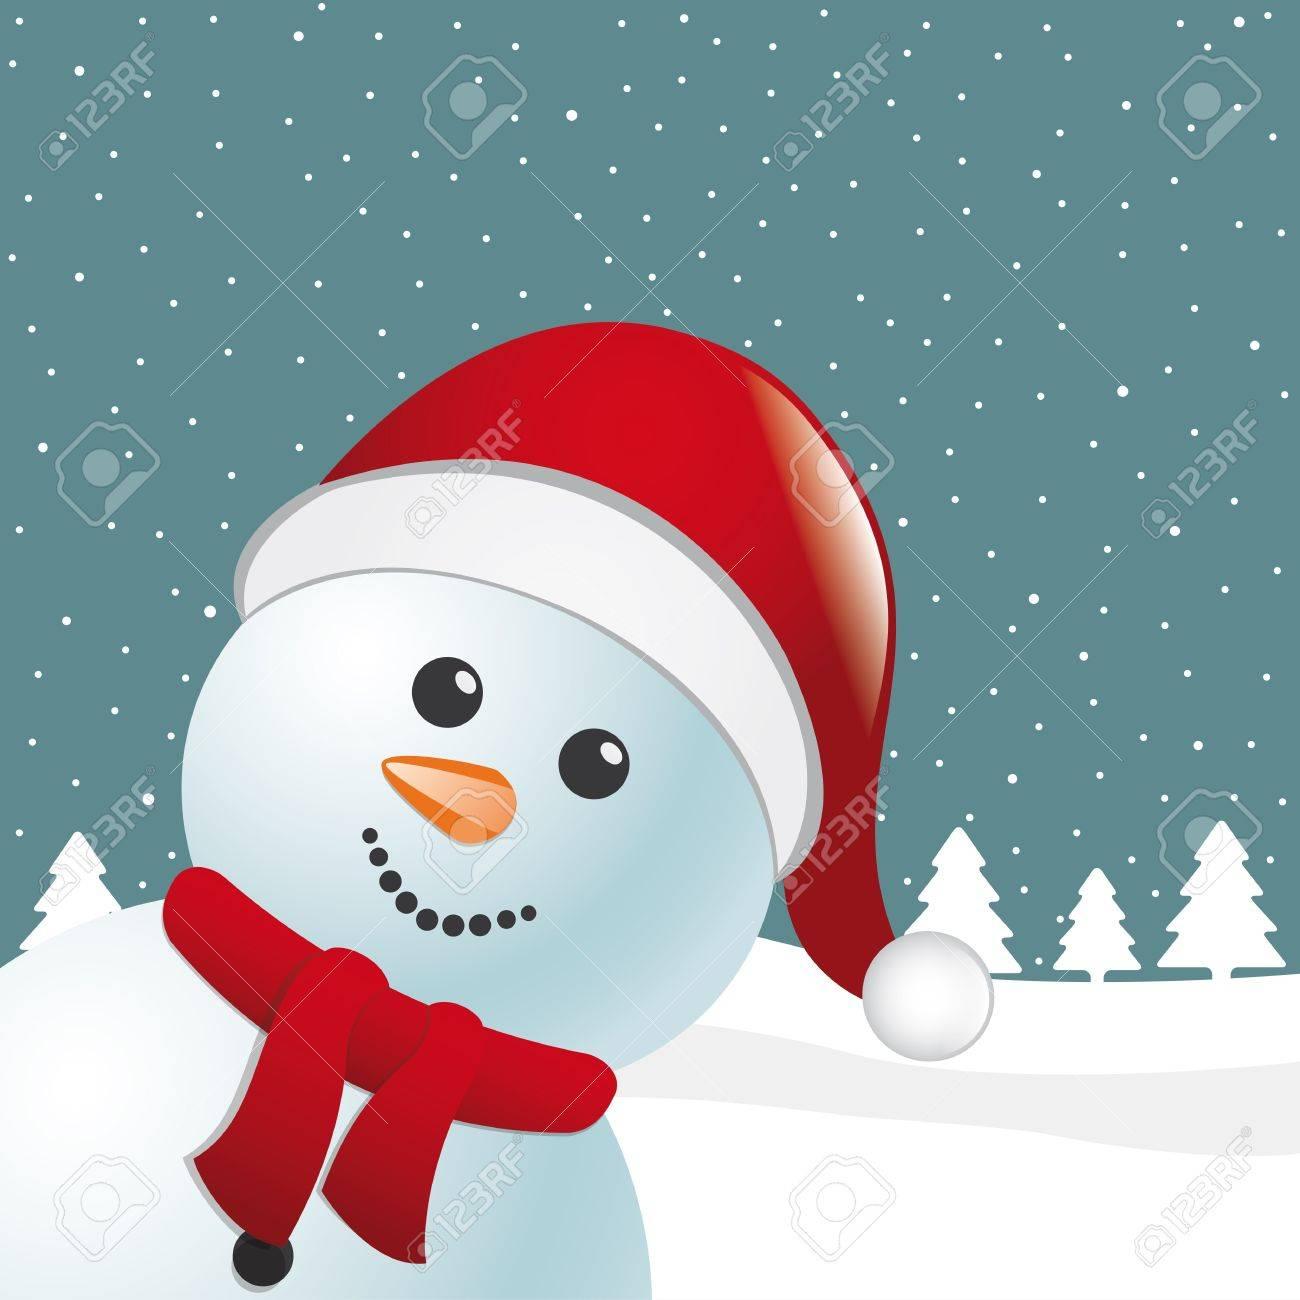 Claus Snowman Snowman Scarf Santa Claus Hat